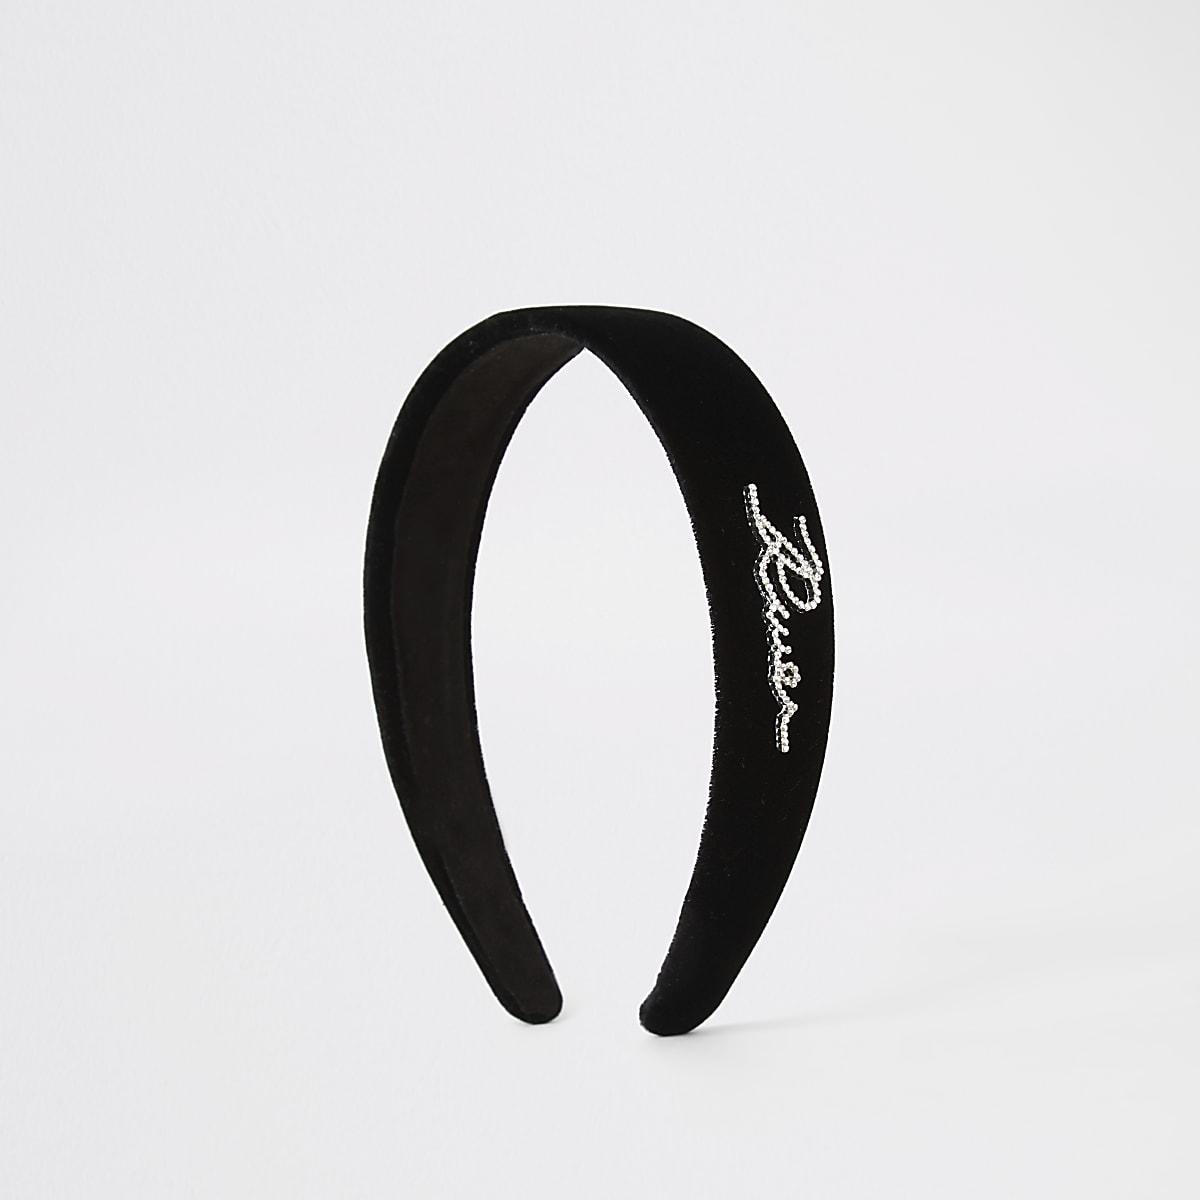 Zwarte fluwelen haarband met 'River'-tekst van siersteentjes